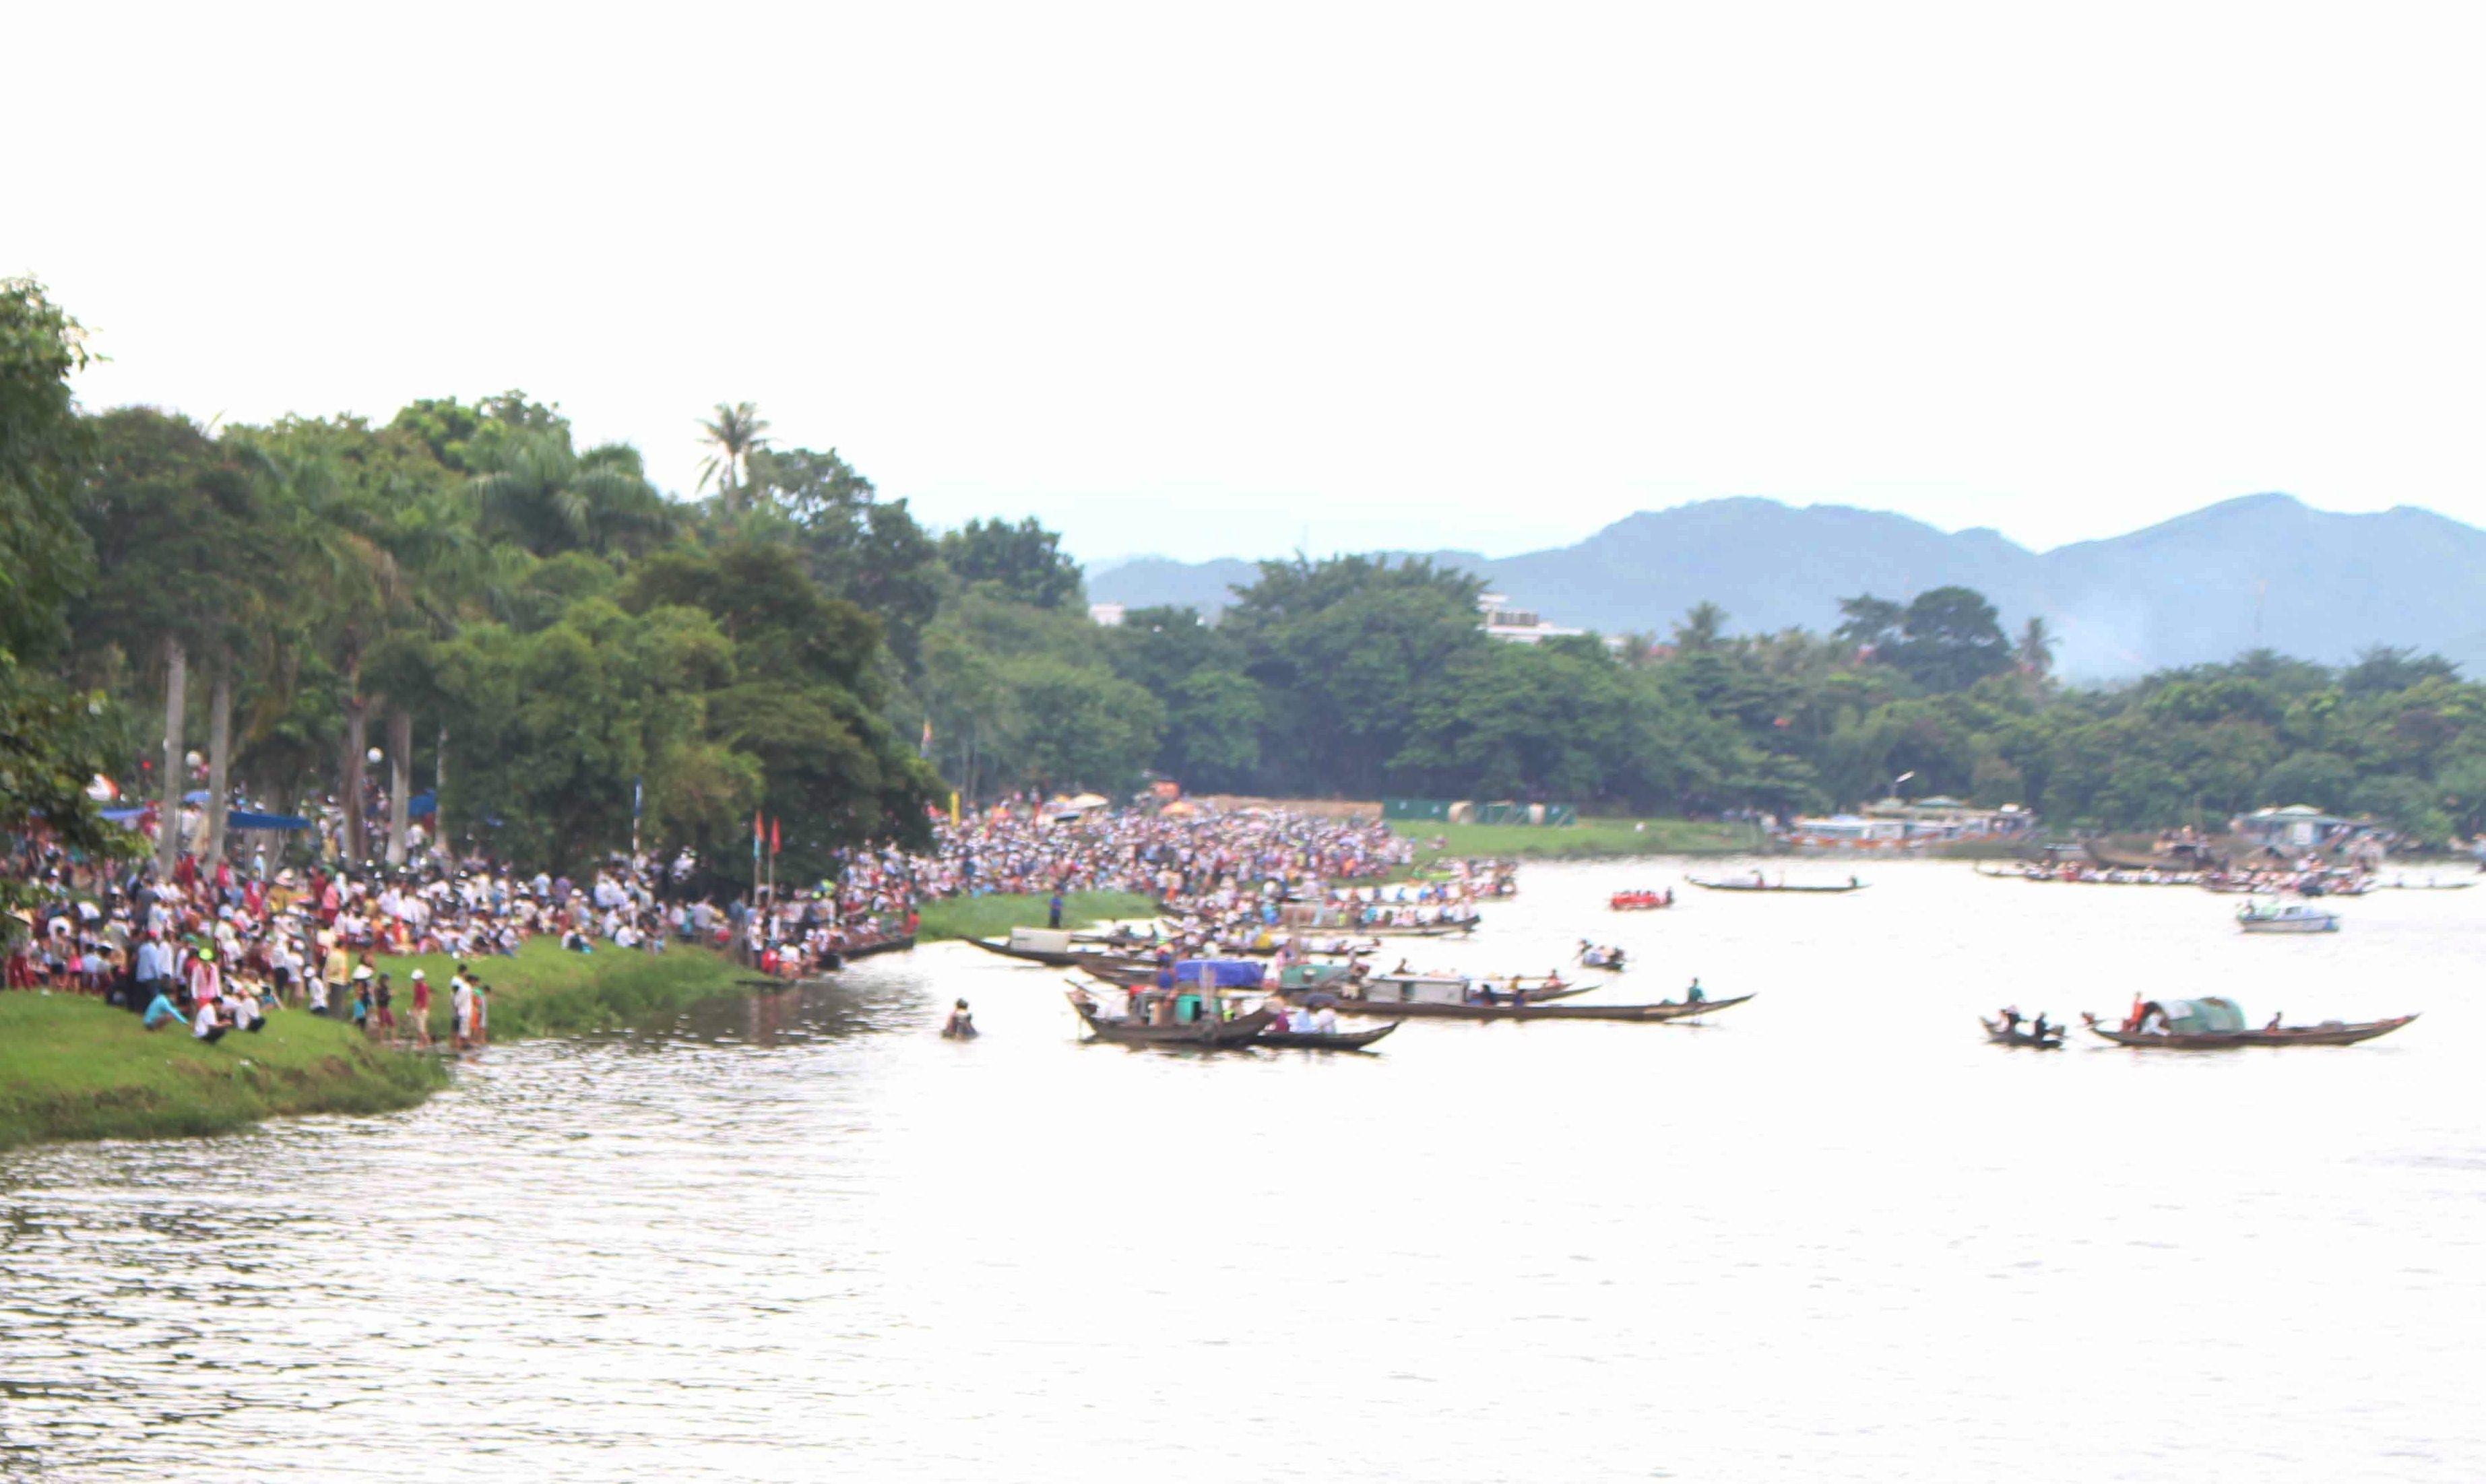 Sôi động lễ hội đua ghe trên sông Hương ngày Quốc khánh - 10